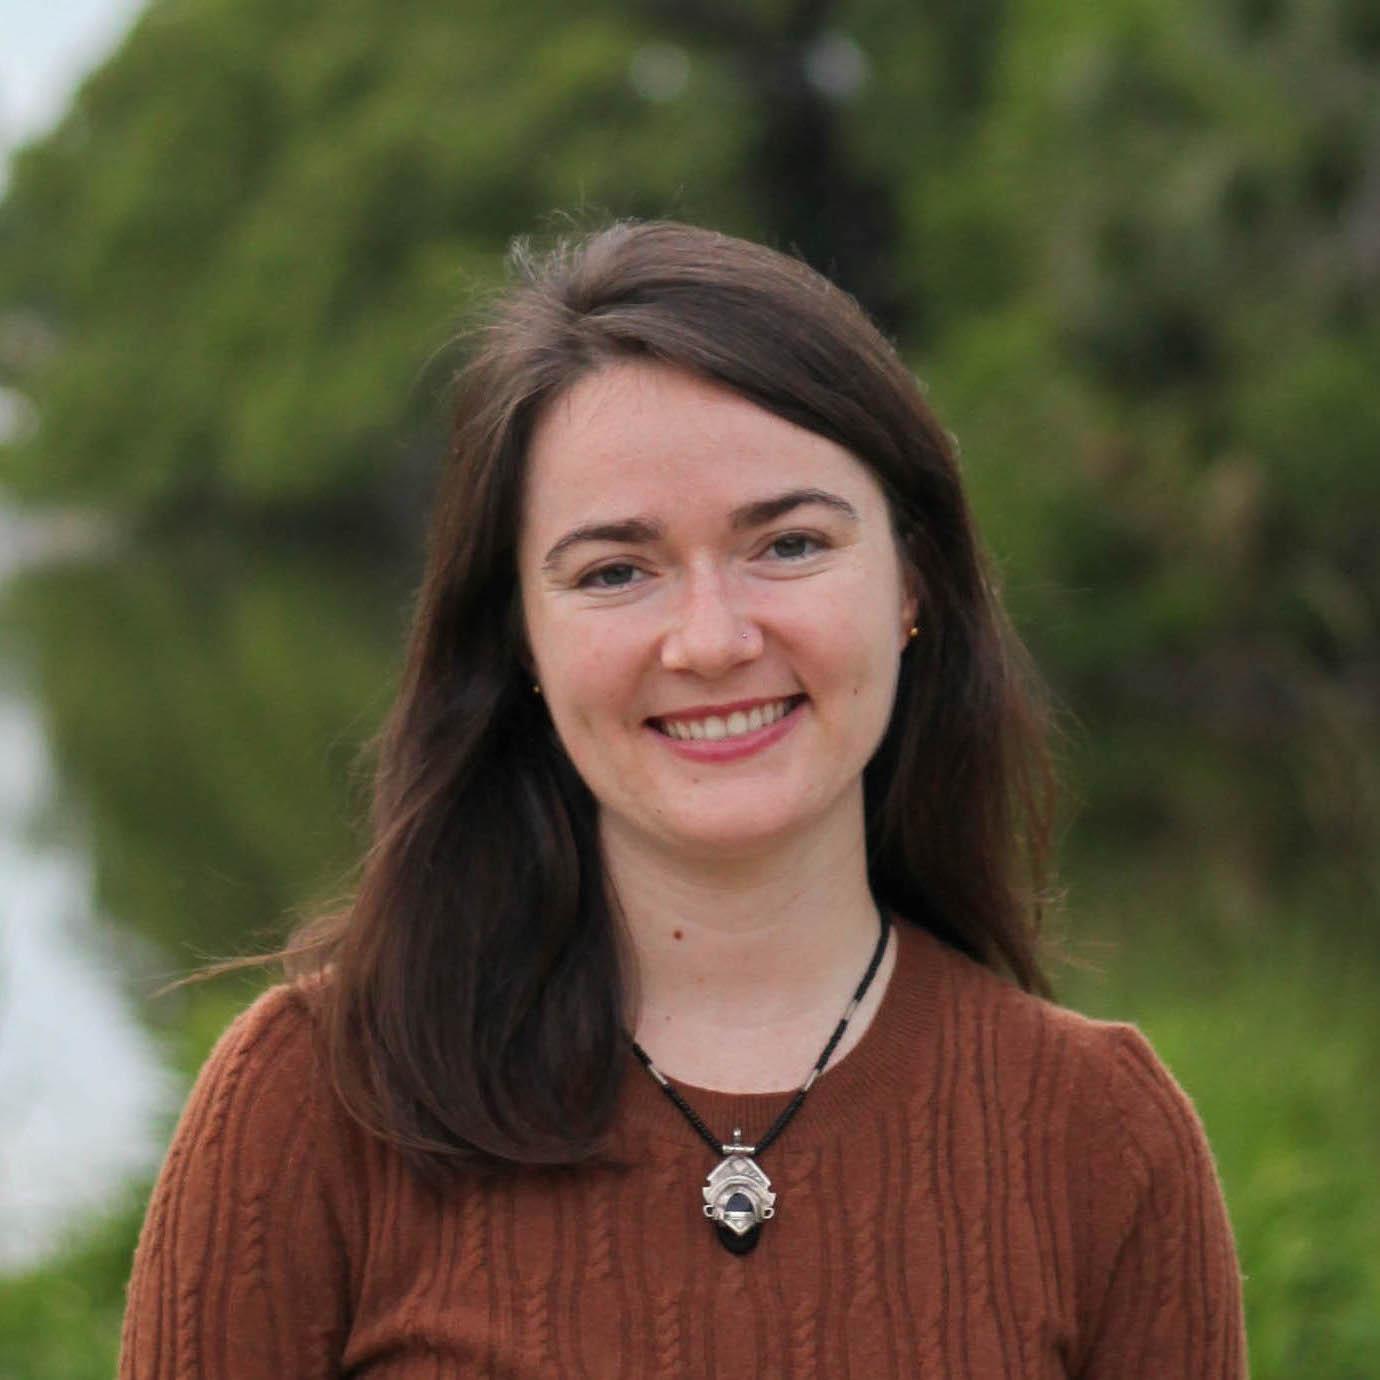 Jenna Finkle